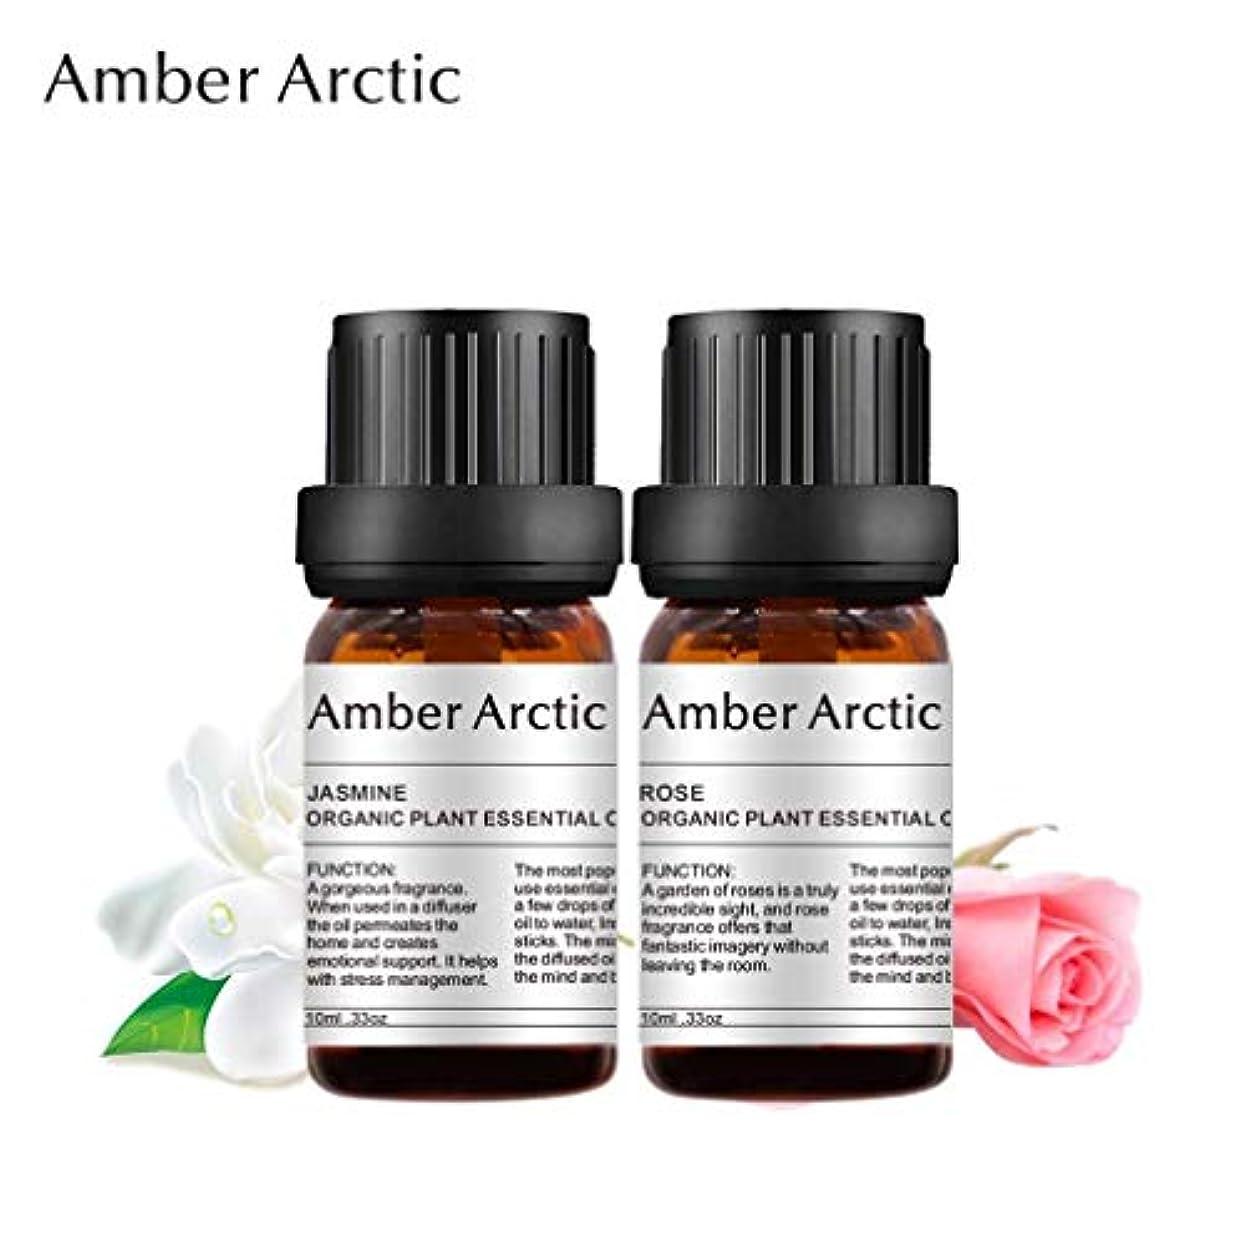 ユダヤ人探検意欲Amber Arctic ディフューザ 2×10 ミリリットル 用 ジャスミン 精油 セット、 100% 純粋 天然 アロマ エッセンシャル オイル バラ